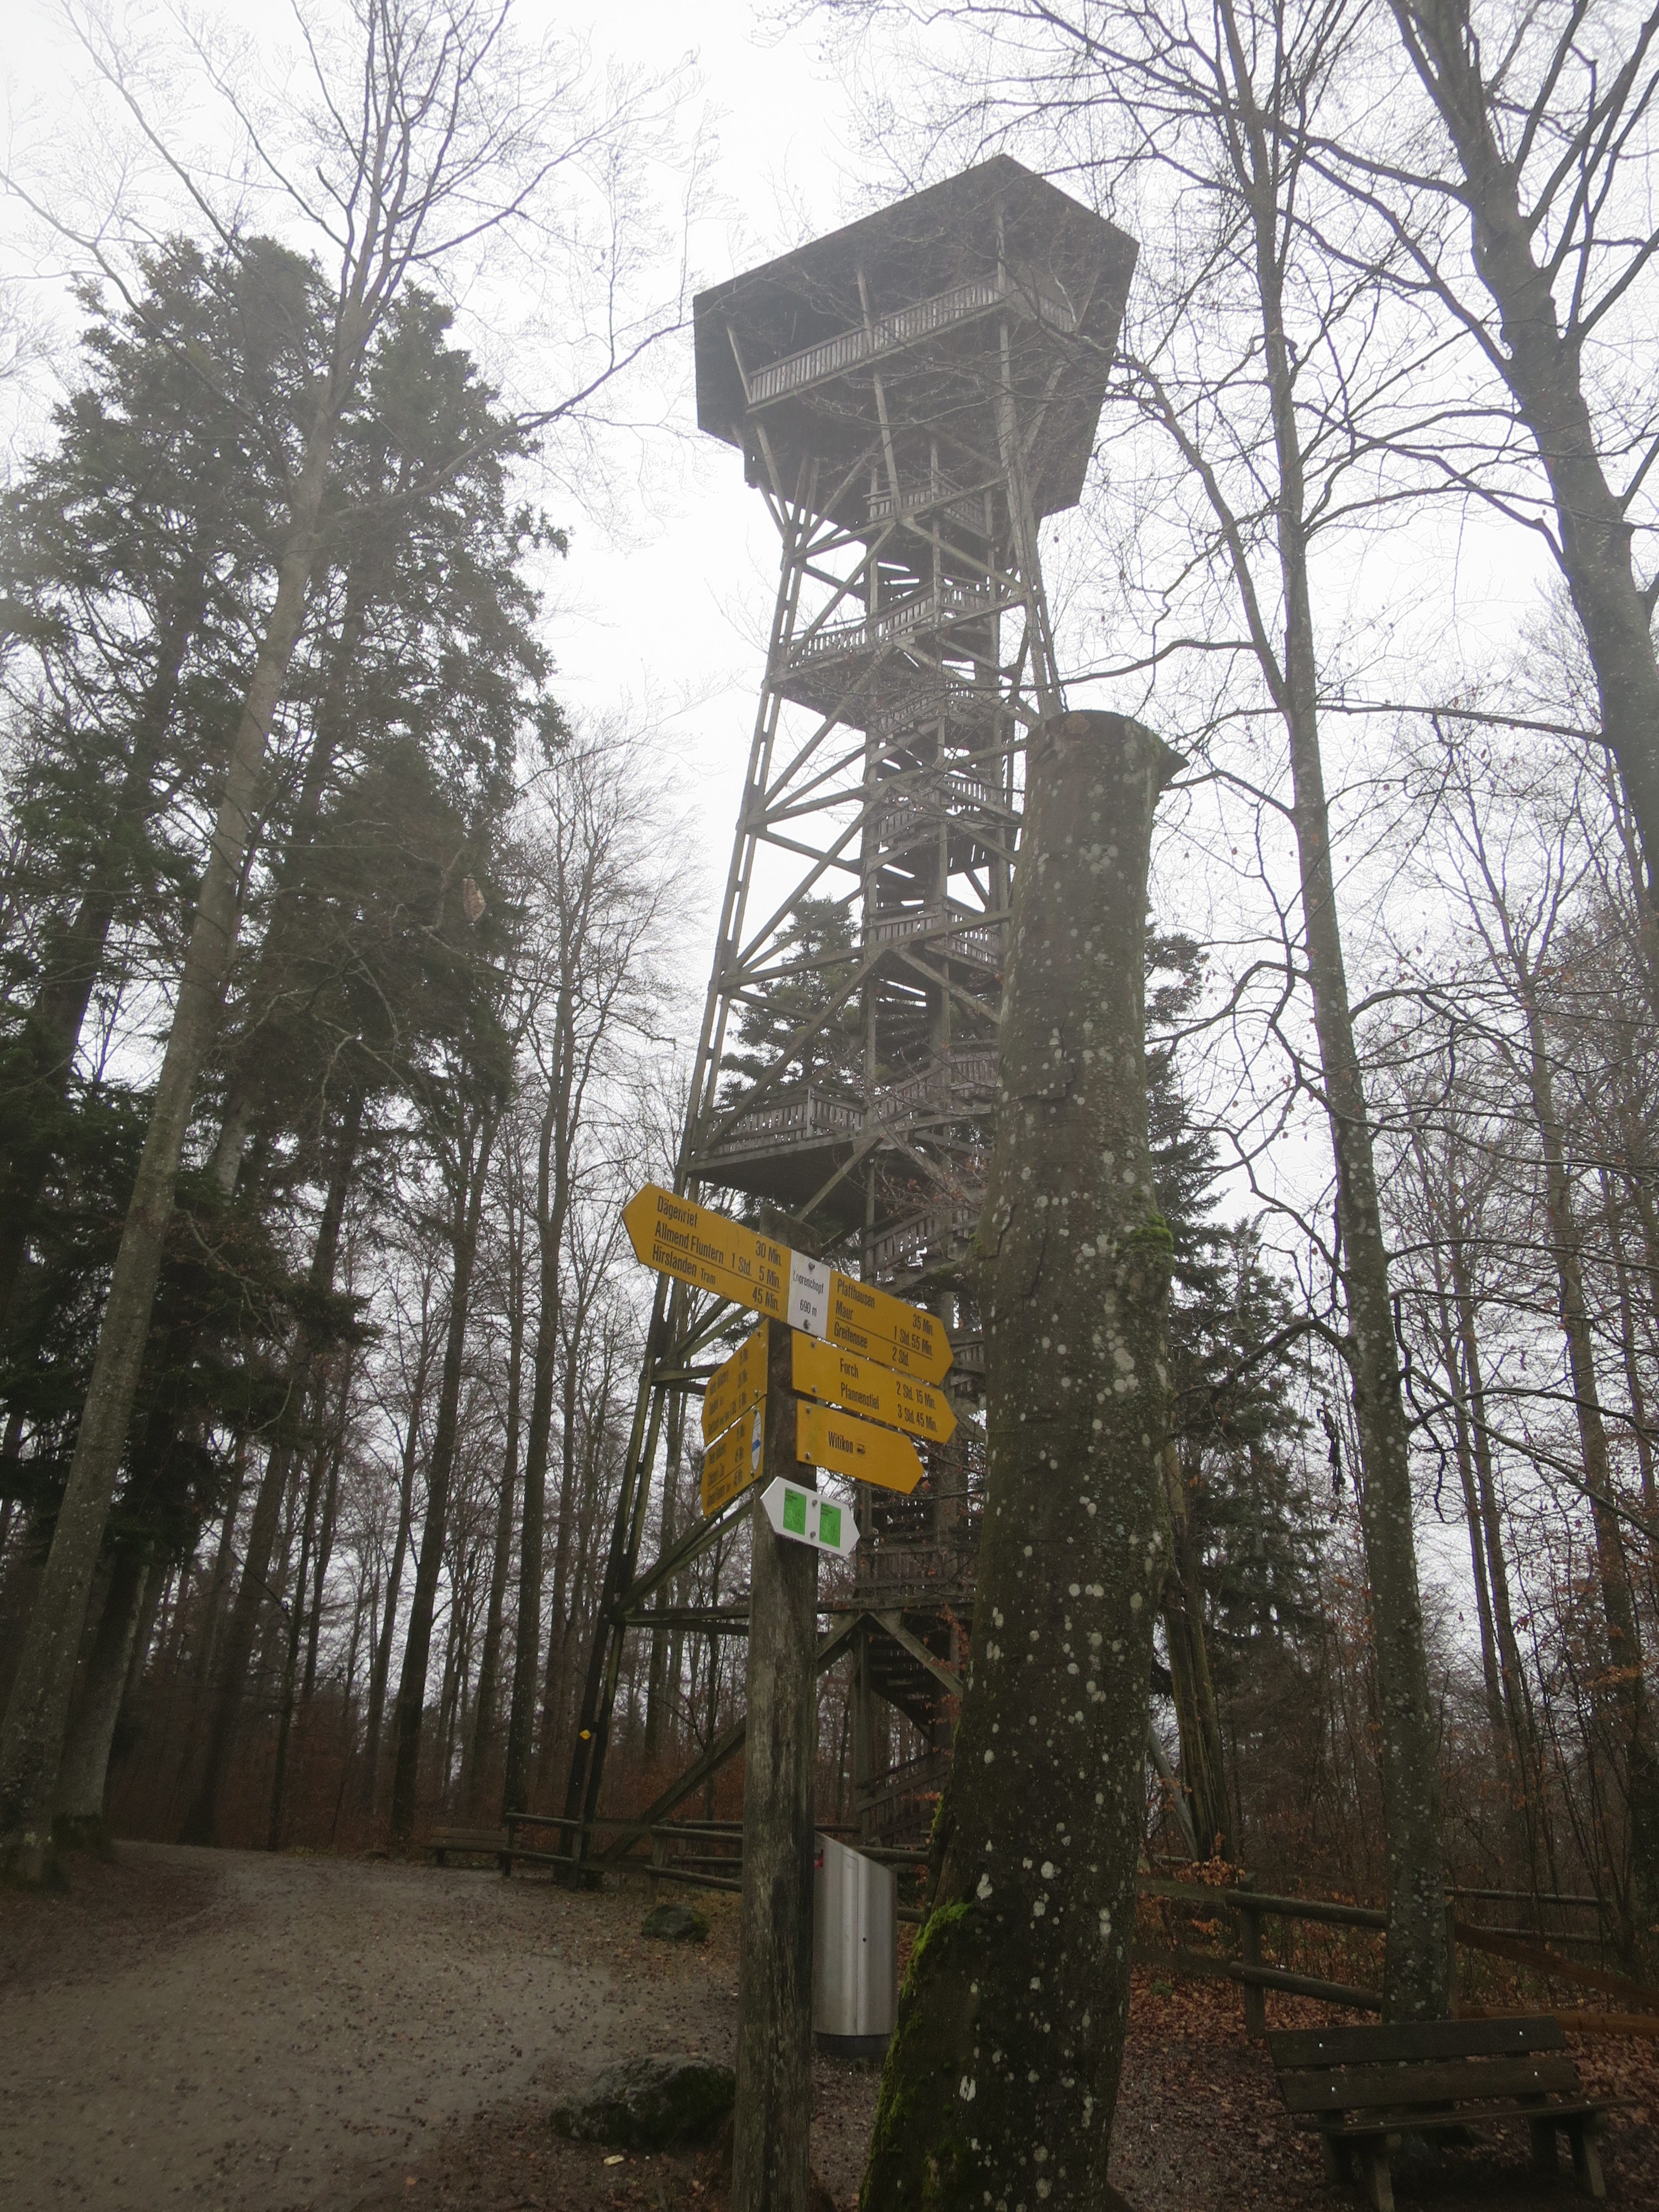 Loorenkopf-Turm